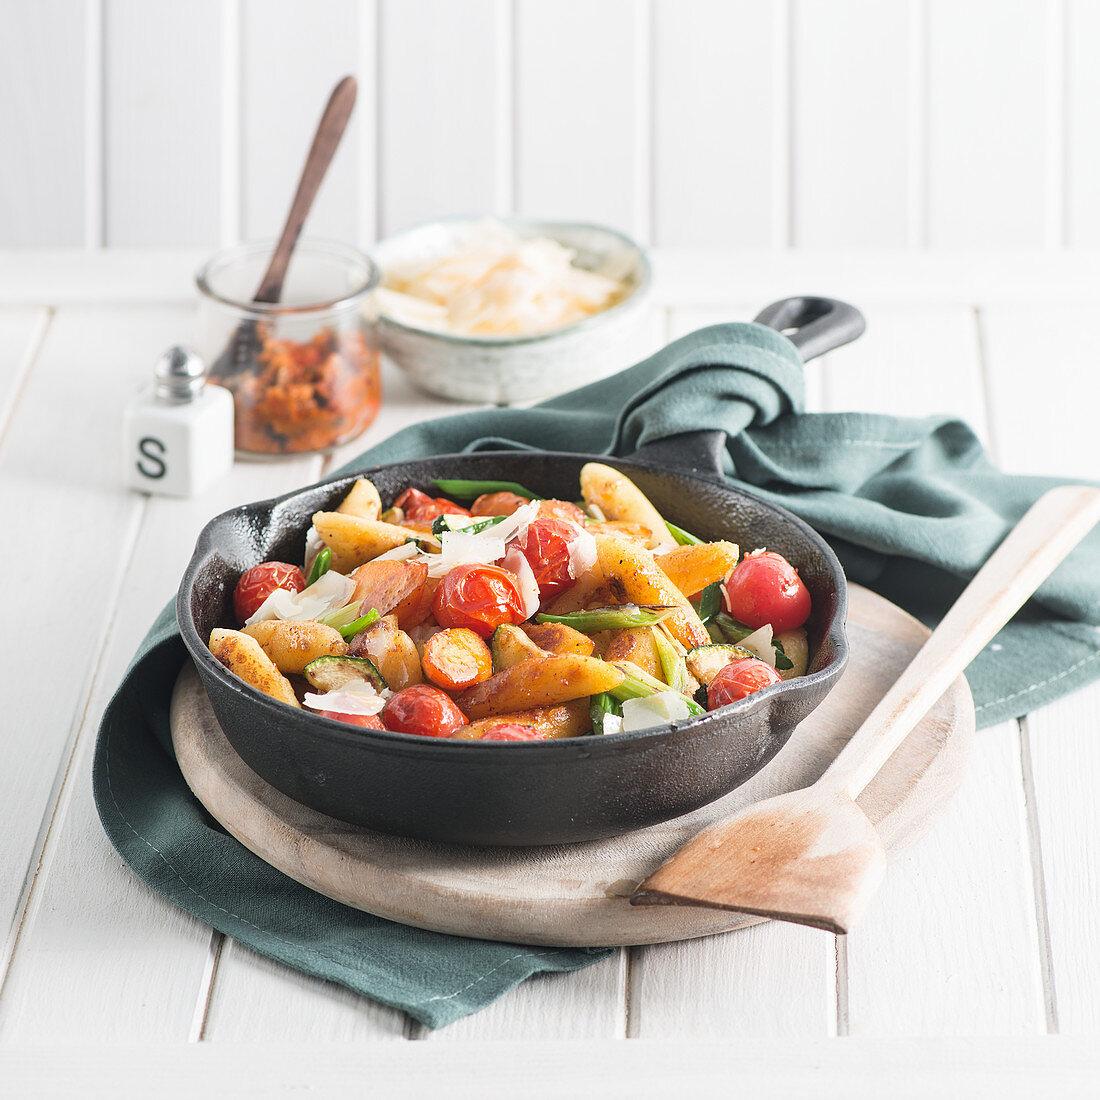 Potato orzo pasta with cherry tomatoes